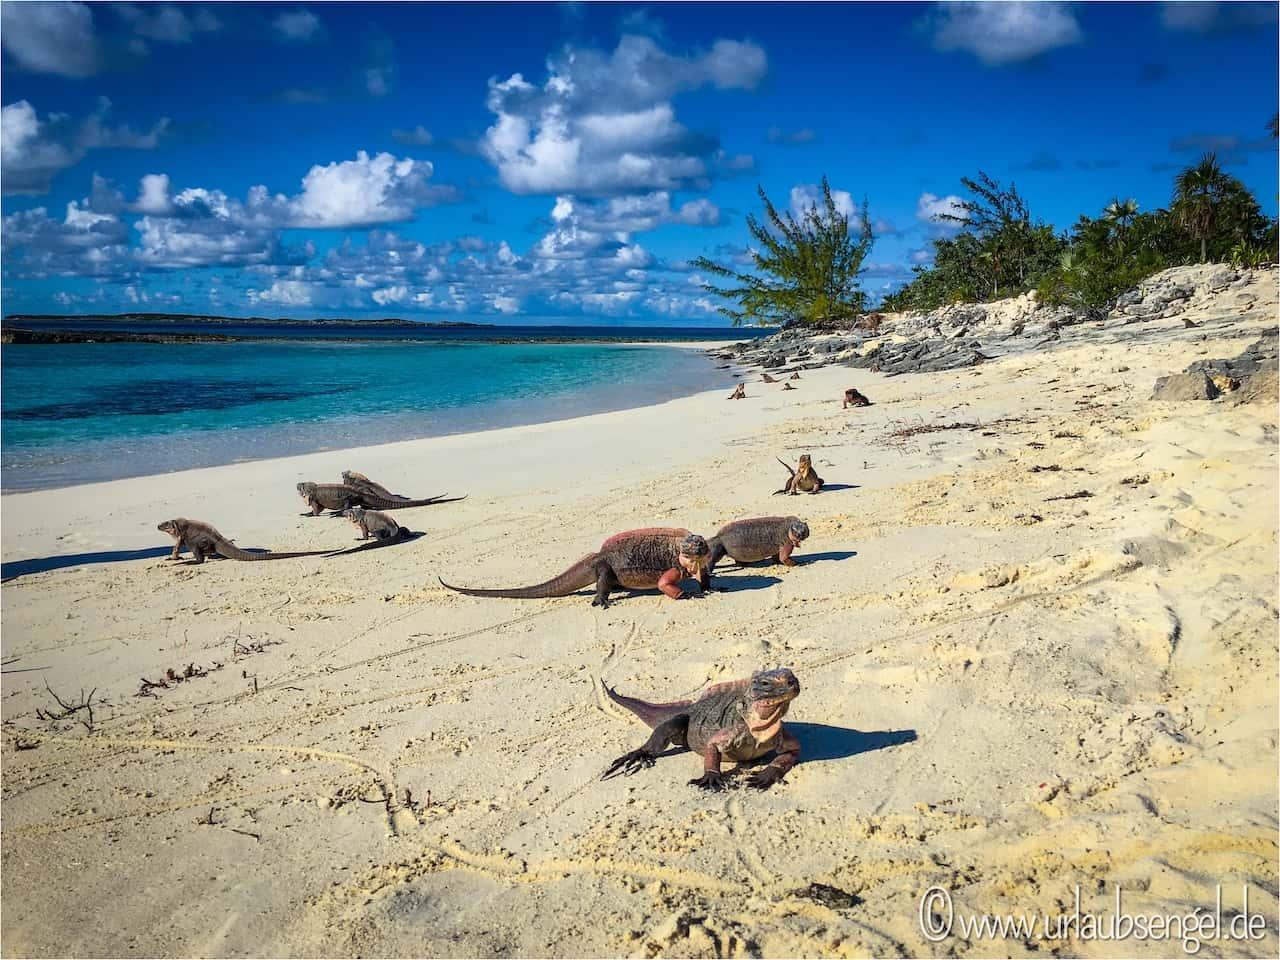 Leguane auf Iguana Cay, Bahamas